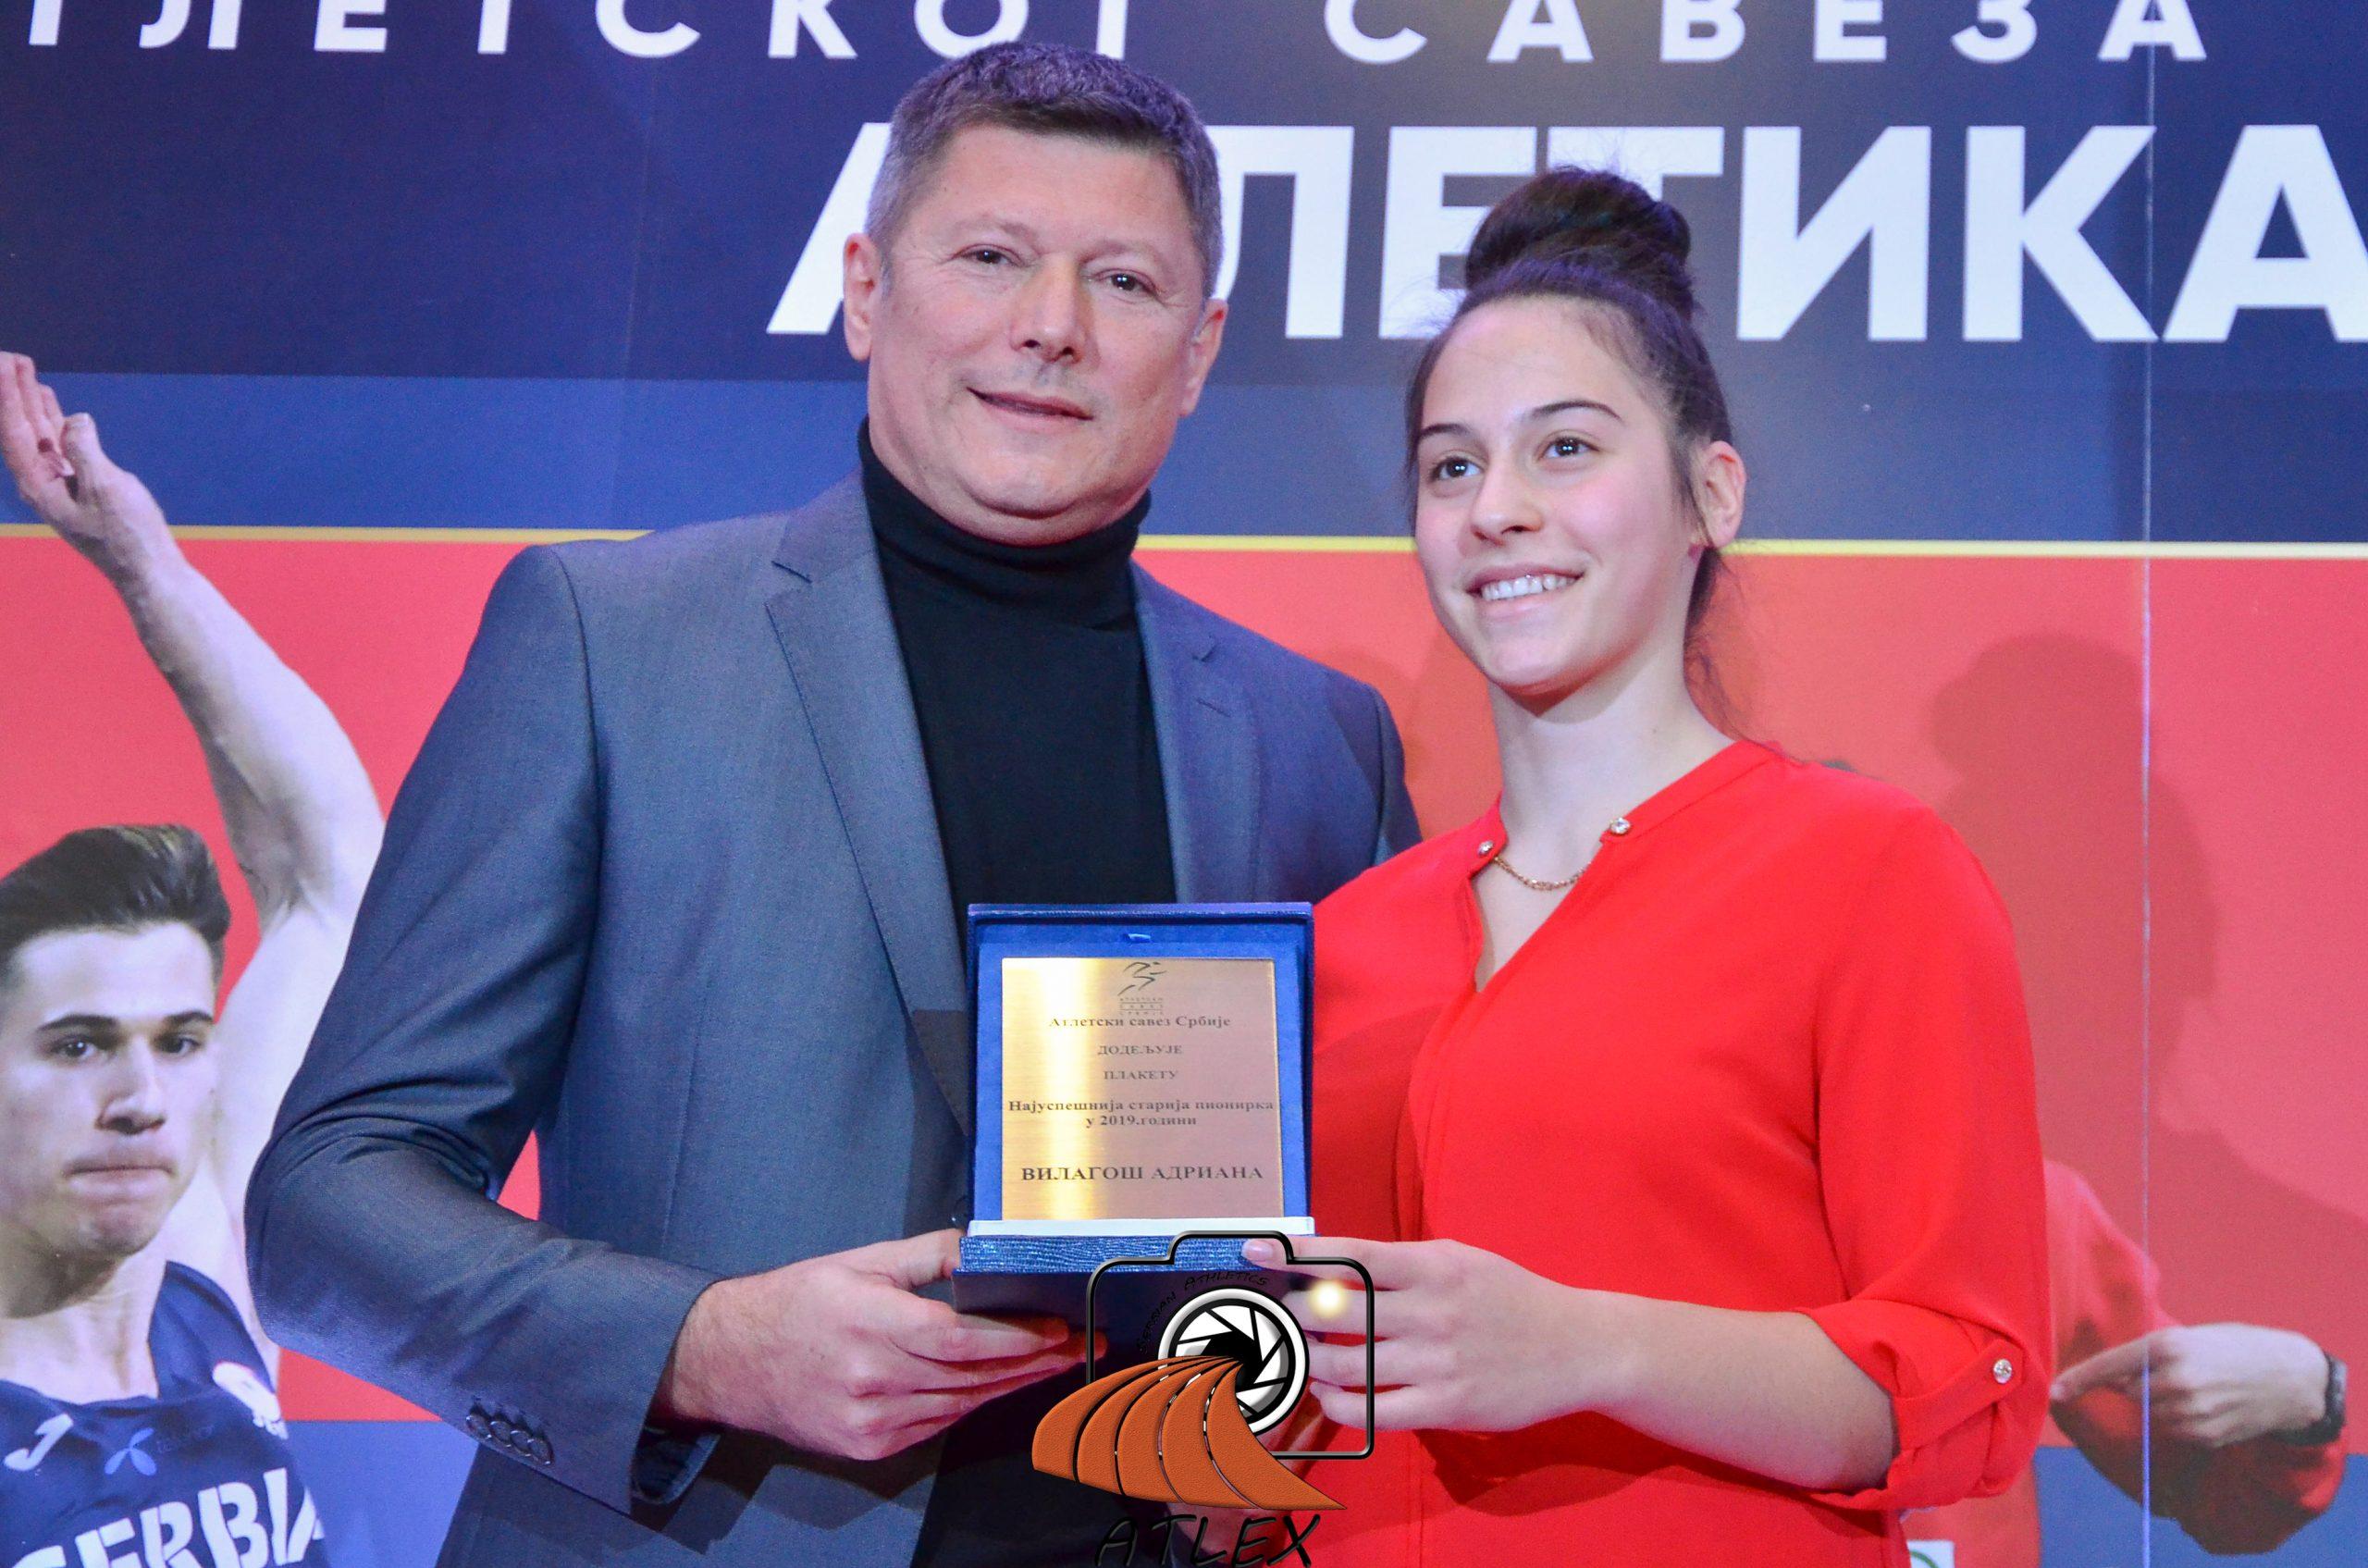 Adriana Vilagoš najboljaatletičarka Srbije 2019.